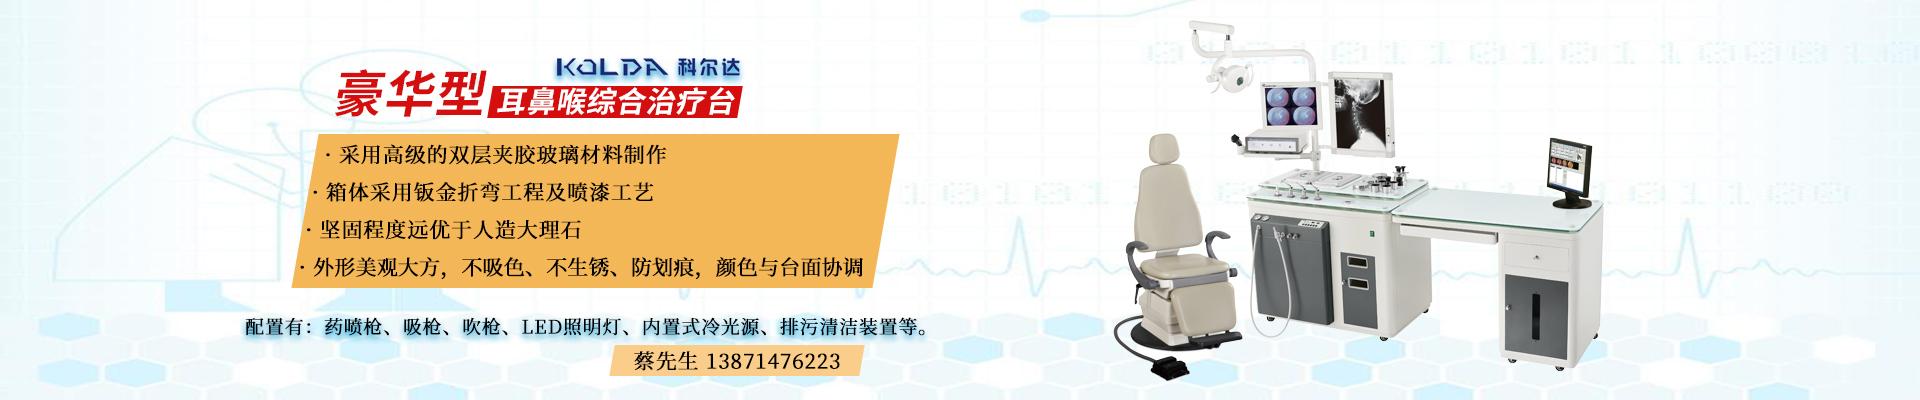 武汉科尔达医疗科技有限公司